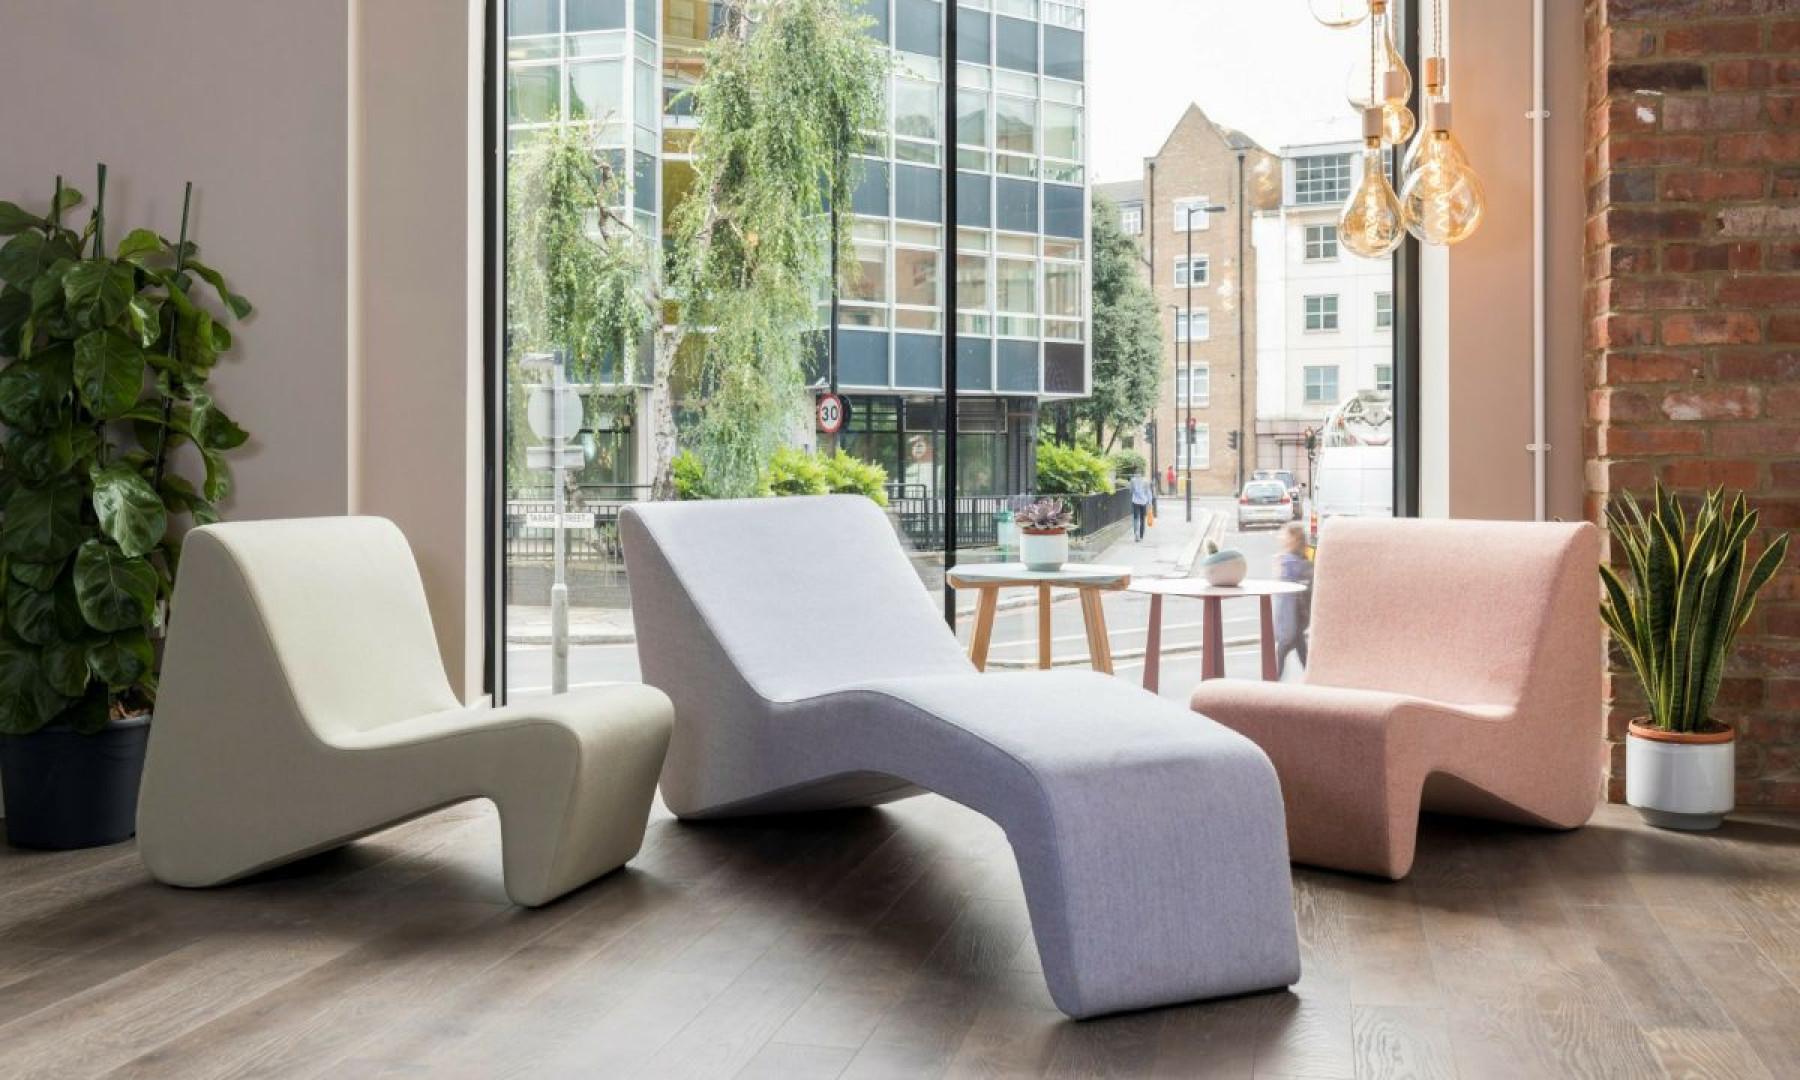 Linia mebli typu soft seating LinkUp (Grupa Nowy Styl). Projekt: Przemysław Mac Stopa. Fot. Grupa Nowy Styl